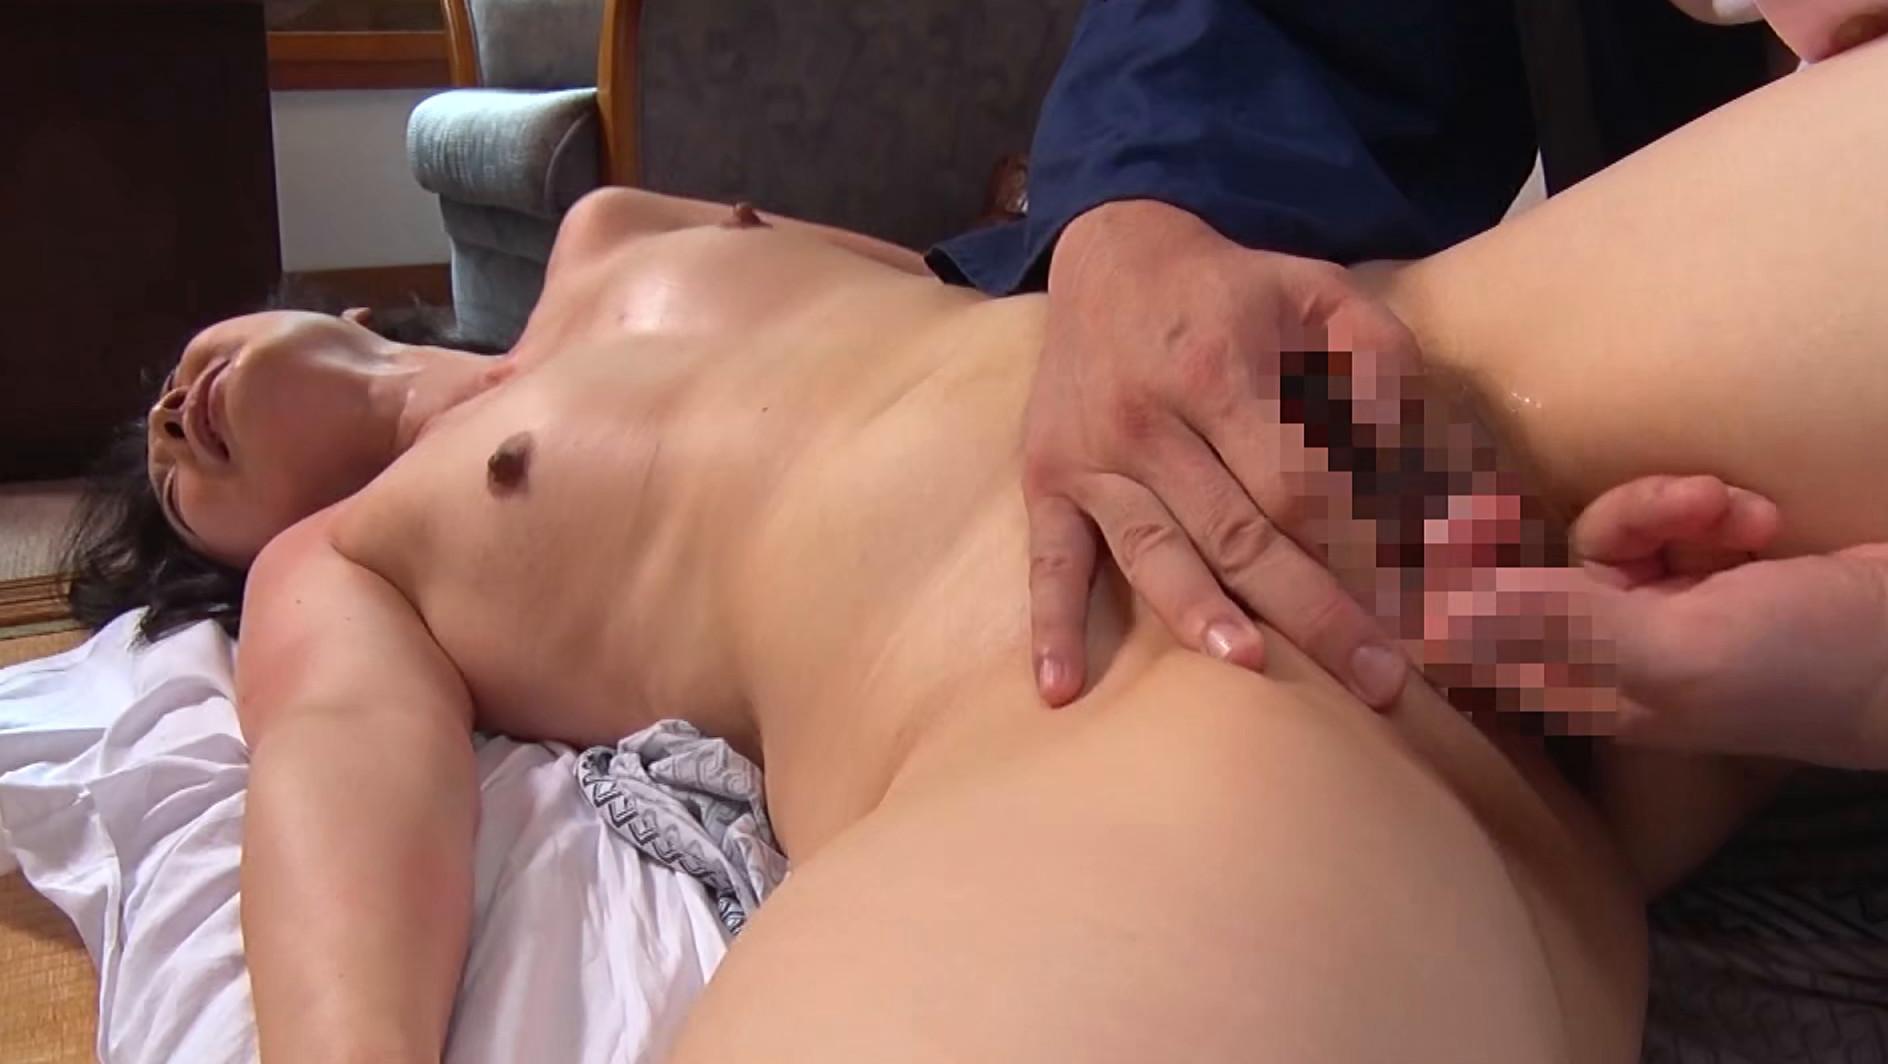 紗江子 (50歳)客間で休んでいただけなのに・・・ 画像6